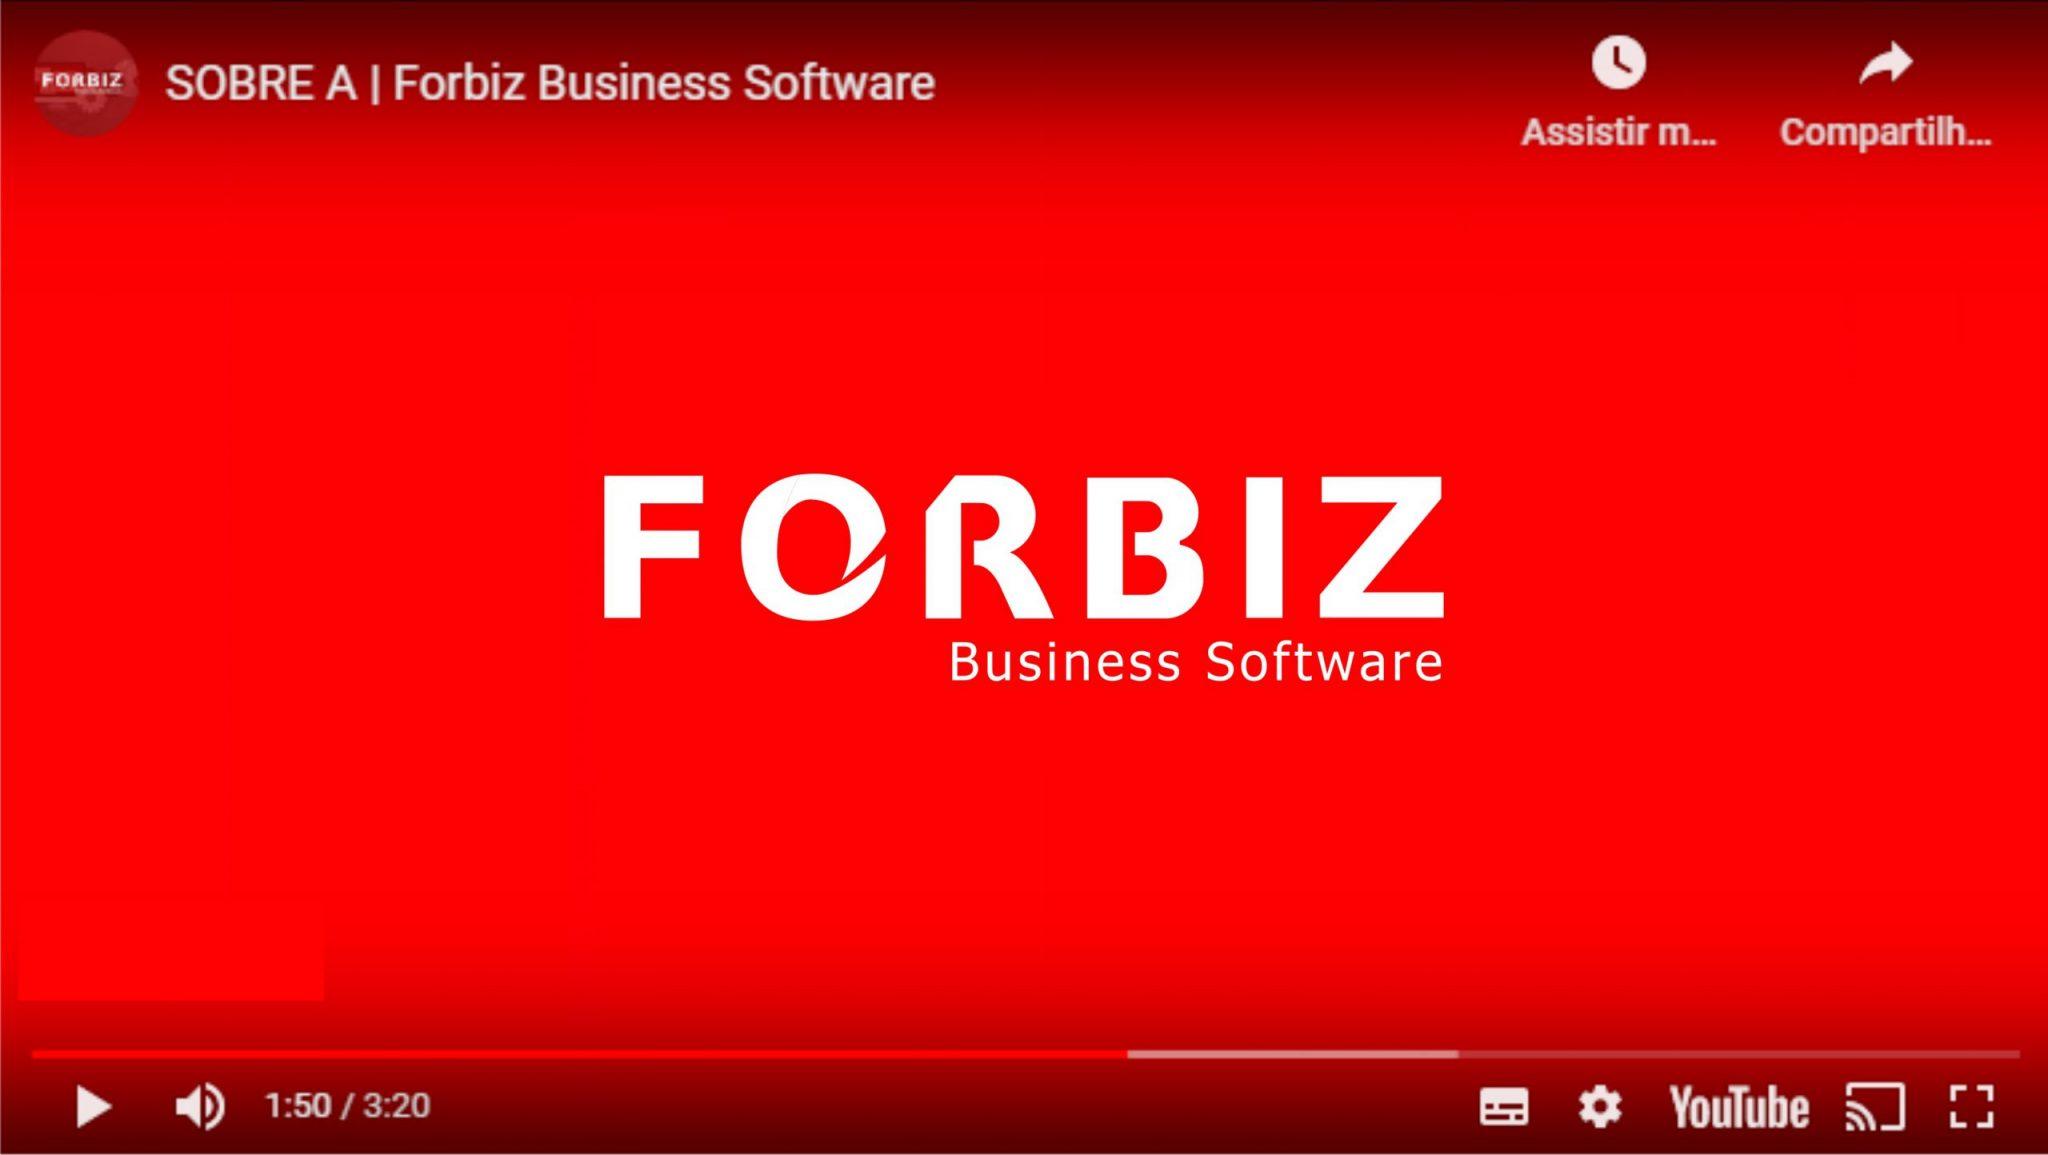 Sobre a Forbiz Business Software